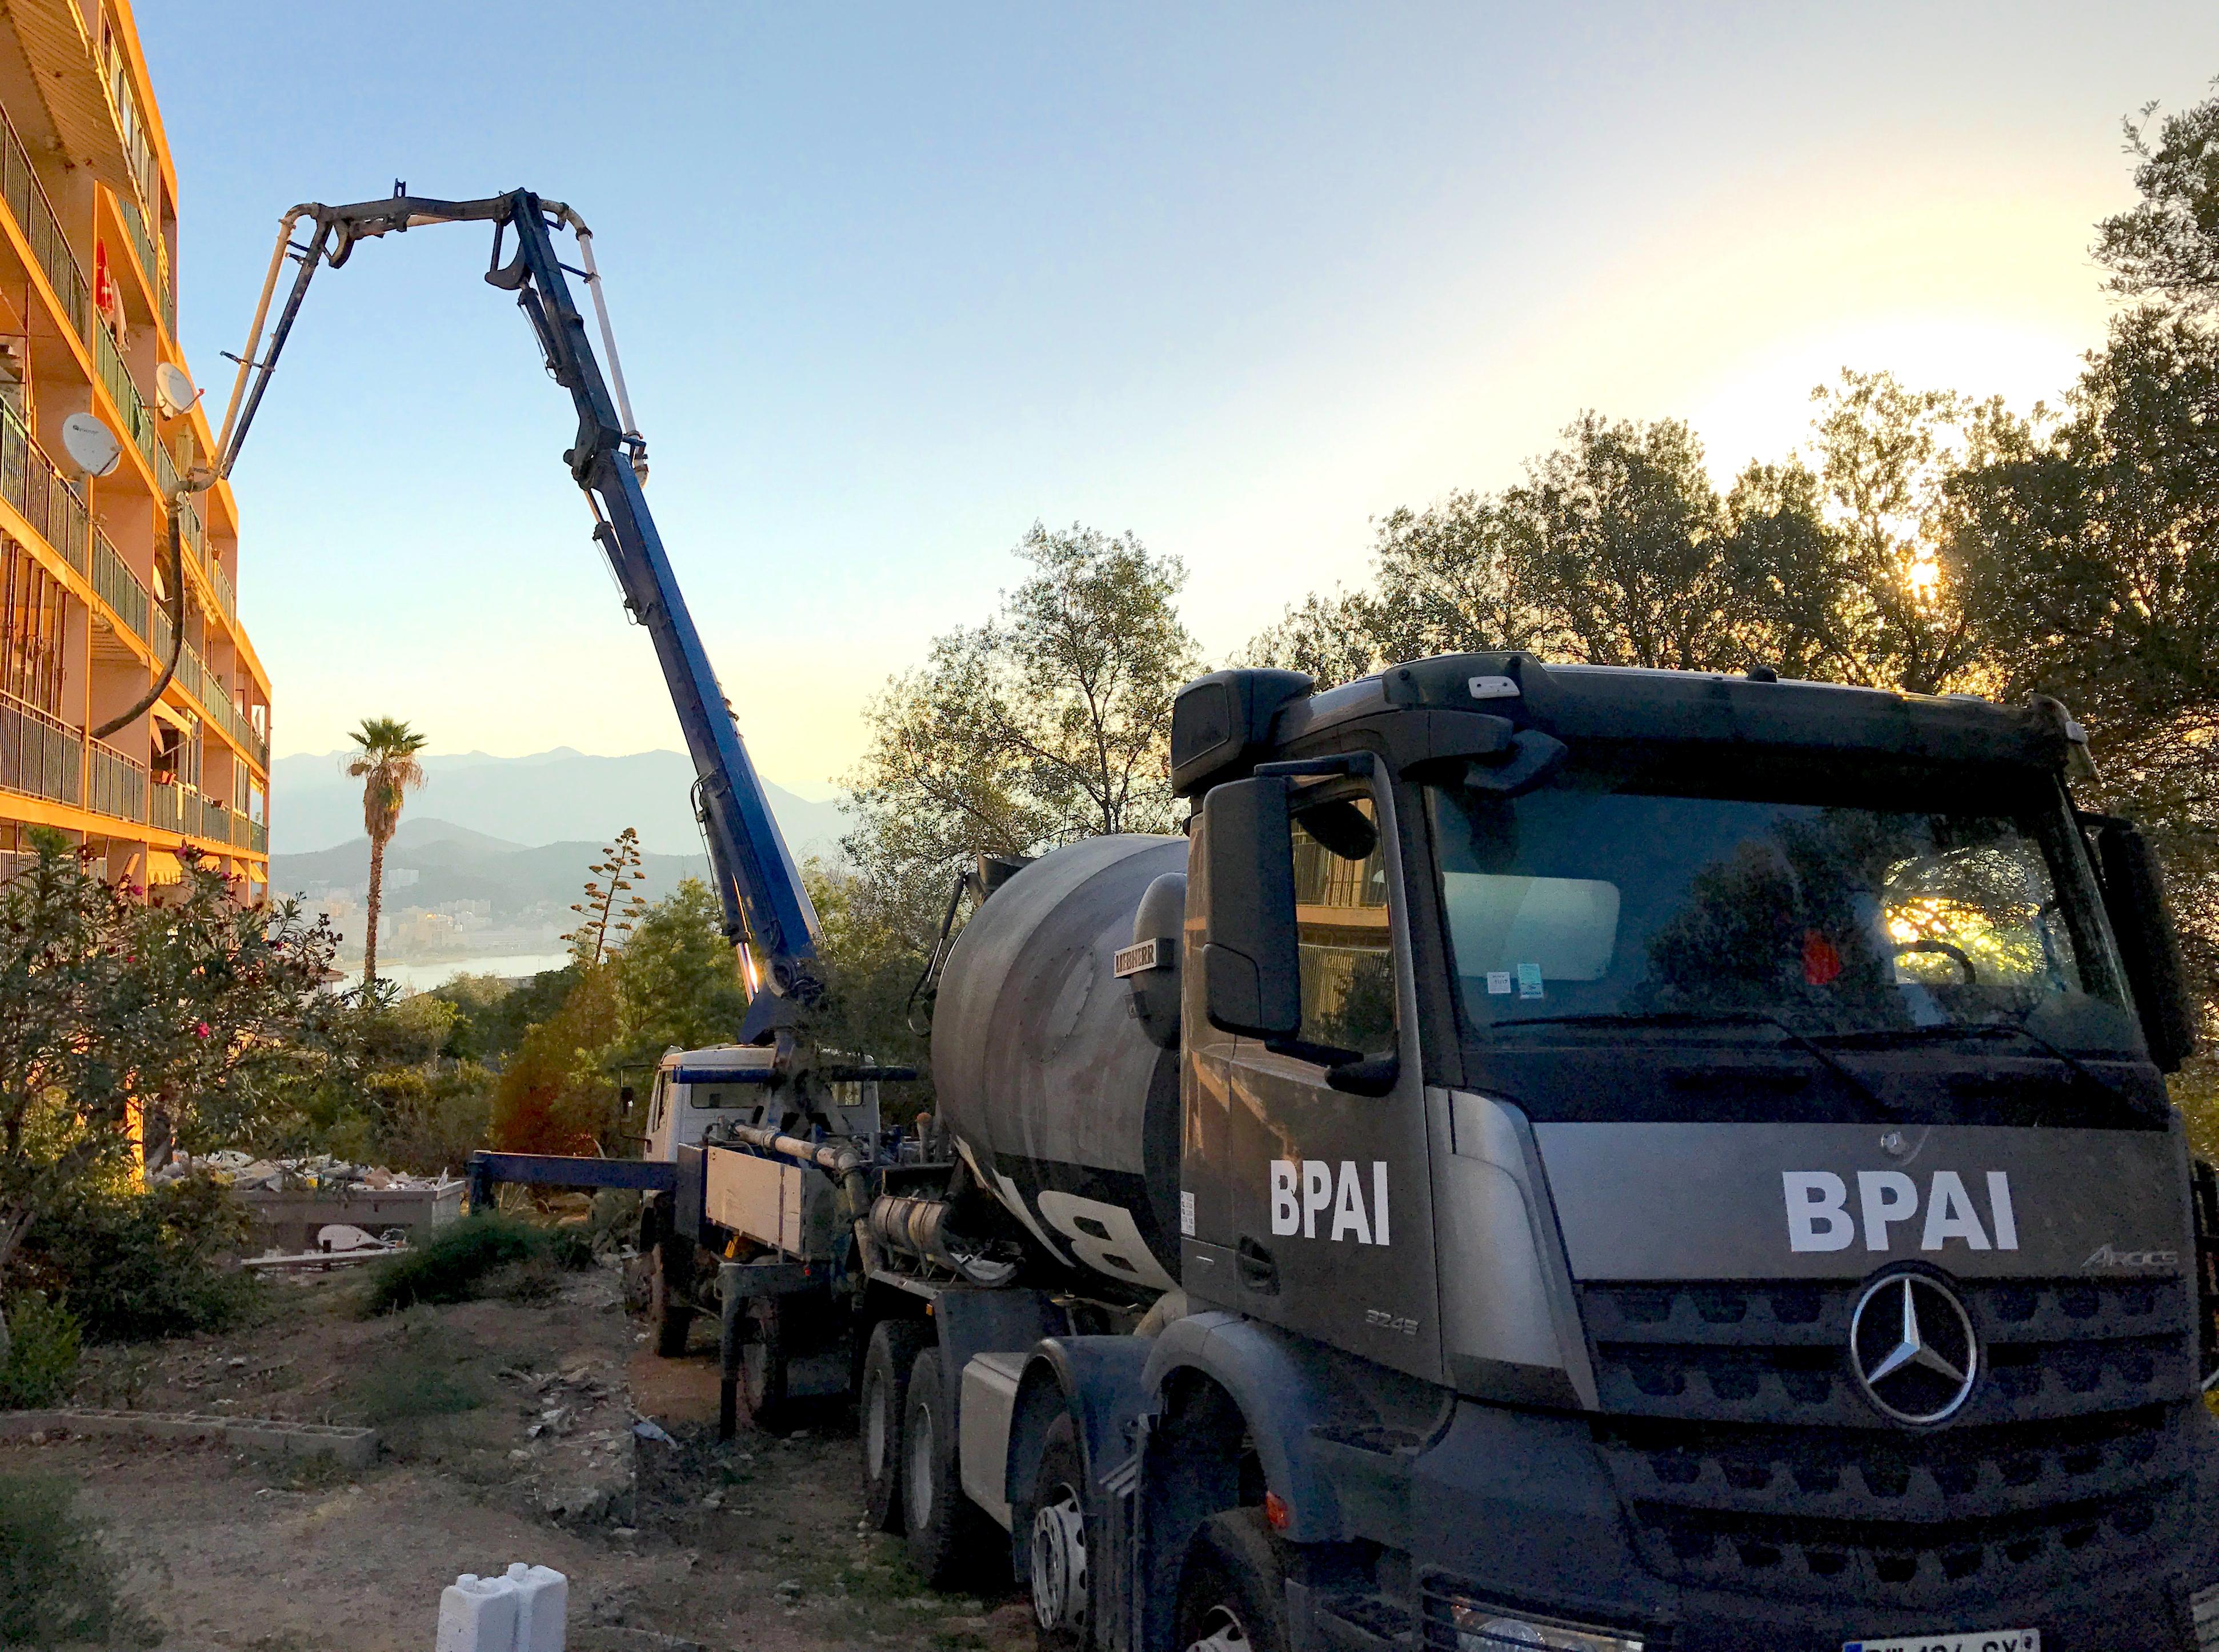 BPAI fournisseur unique sélectionné pour le béton du chantier Place Campinchi à Ajaccio BPAI spécialiste du béton prêt à l'emploi en corse du sud